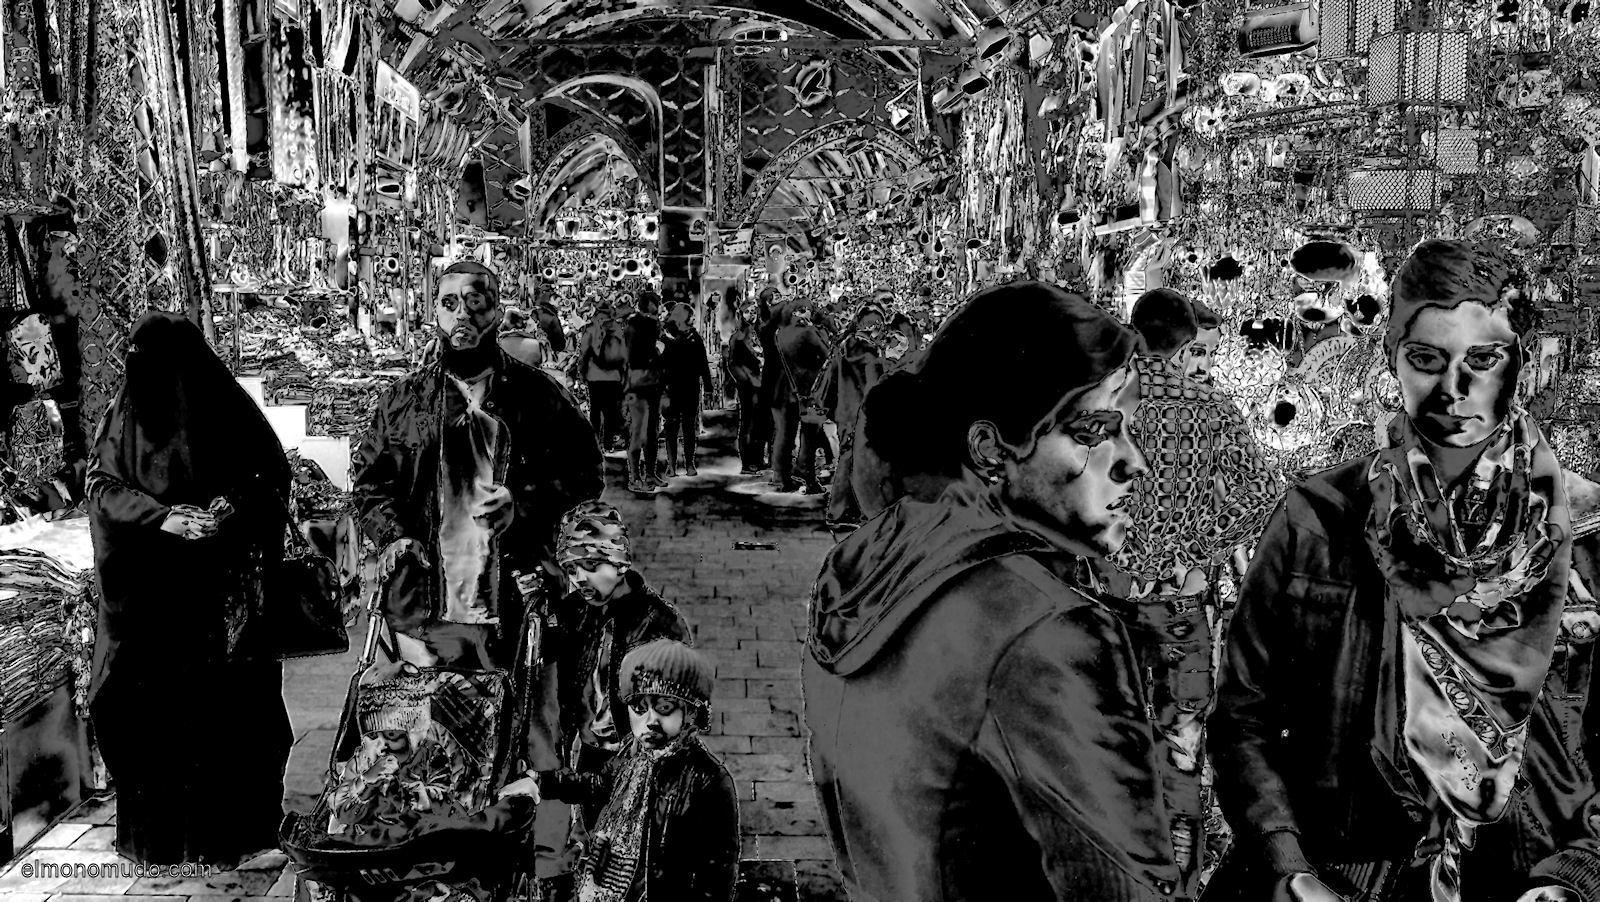 Gran Bazar Estambul 2011 variation bn 6